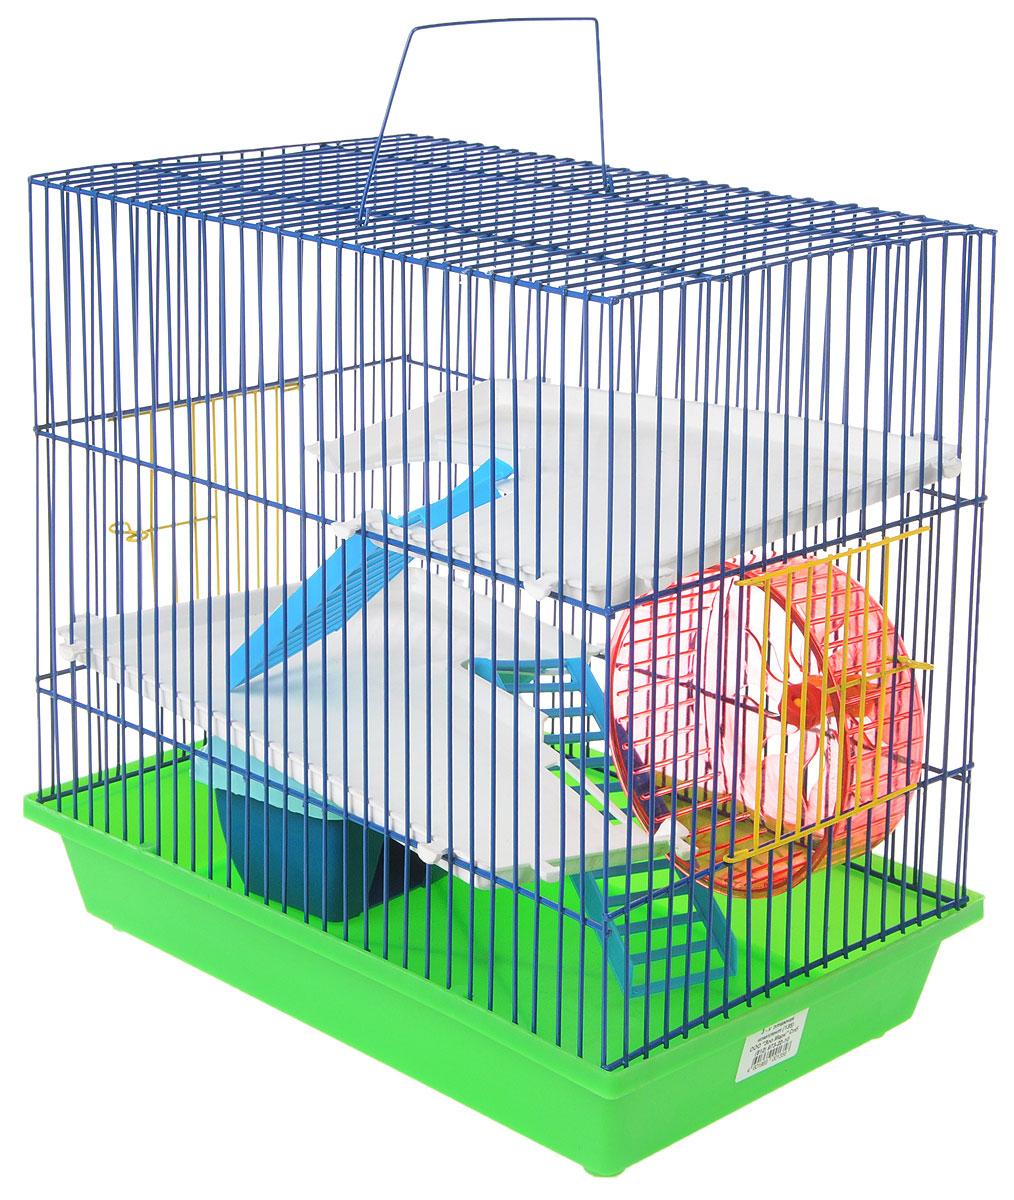 Клетка для грызунов ЗооМарк, 3-этажная, цвет: салатовый поддон, синяя решетка, белые этажи, голубая крыша, 36 х 22,5 х 34 см. 135135_салатовый, синий, белый1Клетка ЗооМарк, выполненная из полипропилена и металла, подходит для мелких грызунов. Изделие трехэтажное, оборудовано колесом для подвижных игр и пластиковым домиком. Клетка имеет яркий поддон, удобна в использовании и легко чистится. Сверху имеется ручка для переноски, а сбоку удобная дверца. Такая клетка станет уединенным личным пространством и уютным домиком для маленького грызуна.